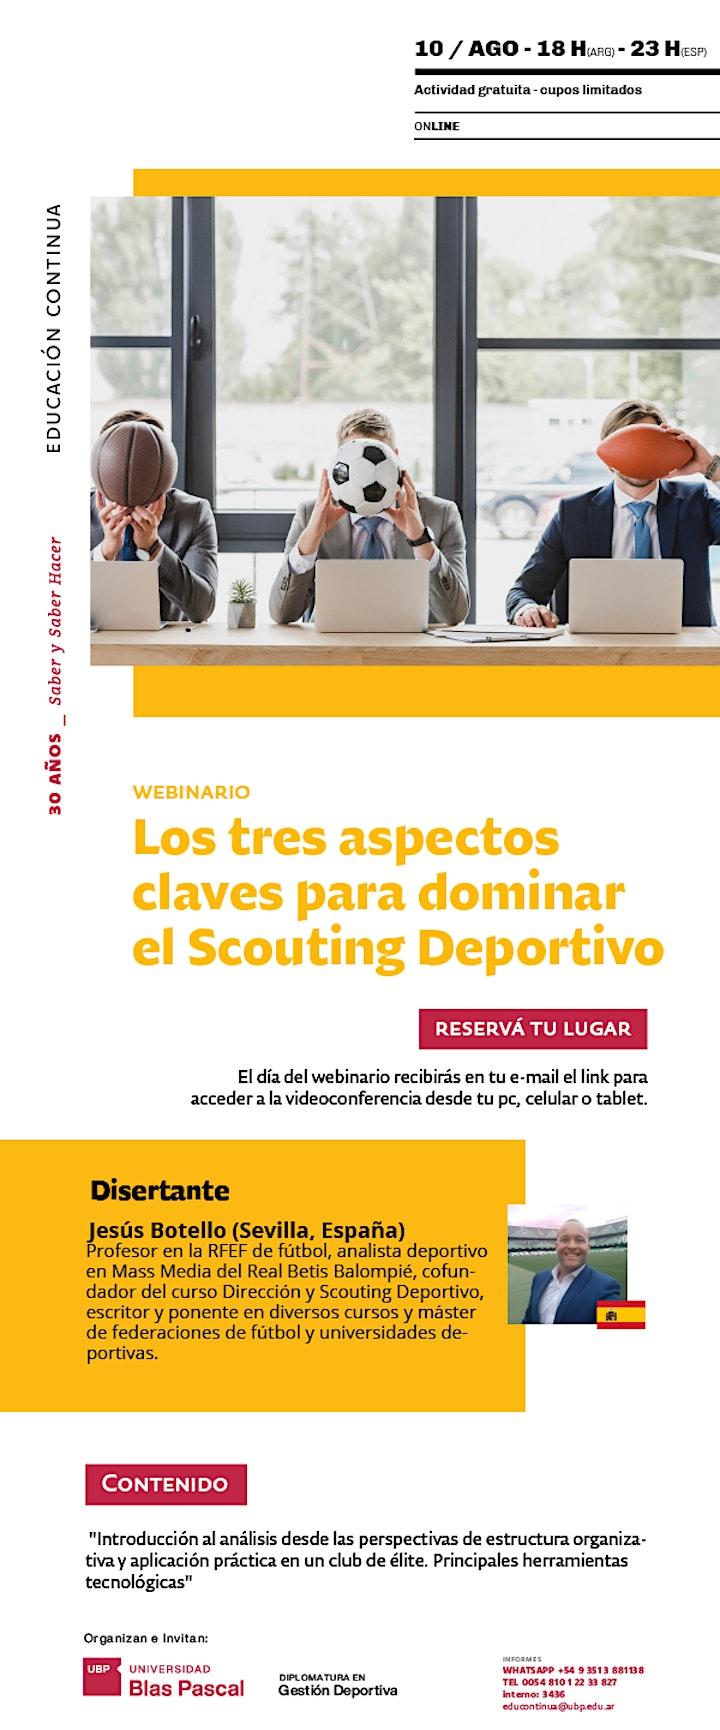 Imagen de Webinario> Los tres aspectos claves para dominar el Scouting Deportivo